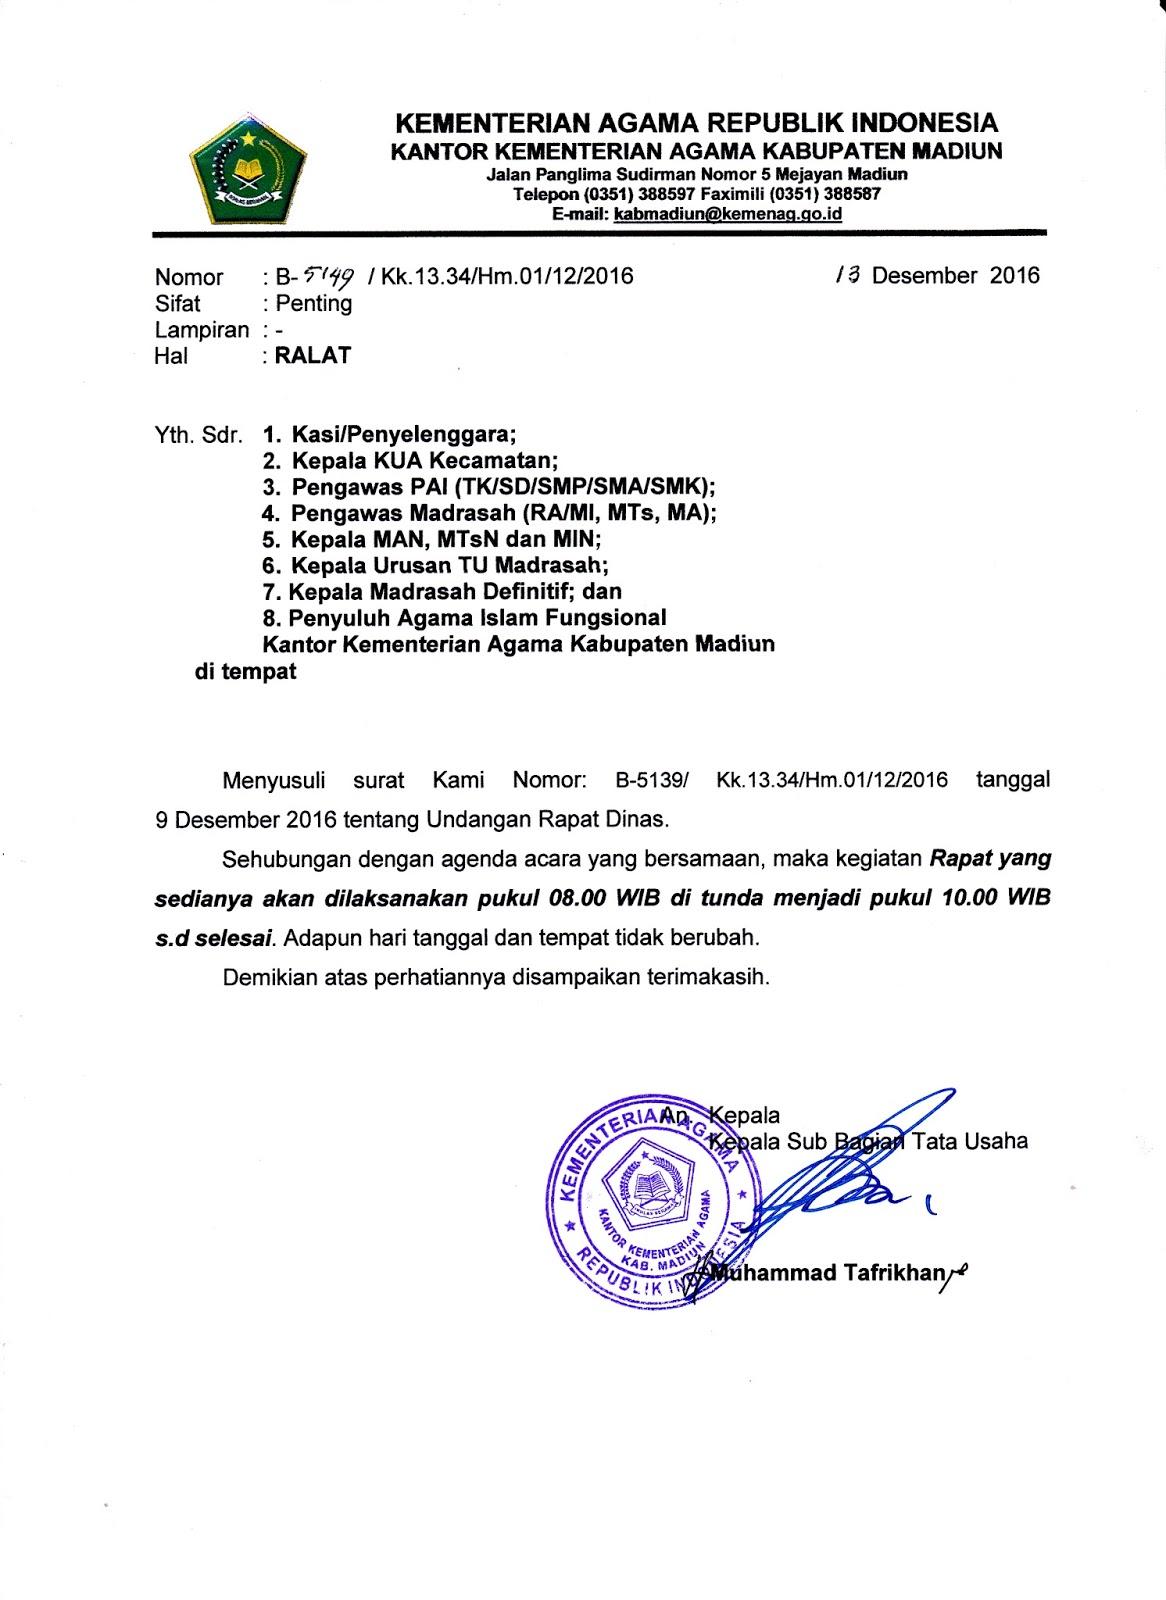 seksi pendidikan madrasah kabupaten madiun